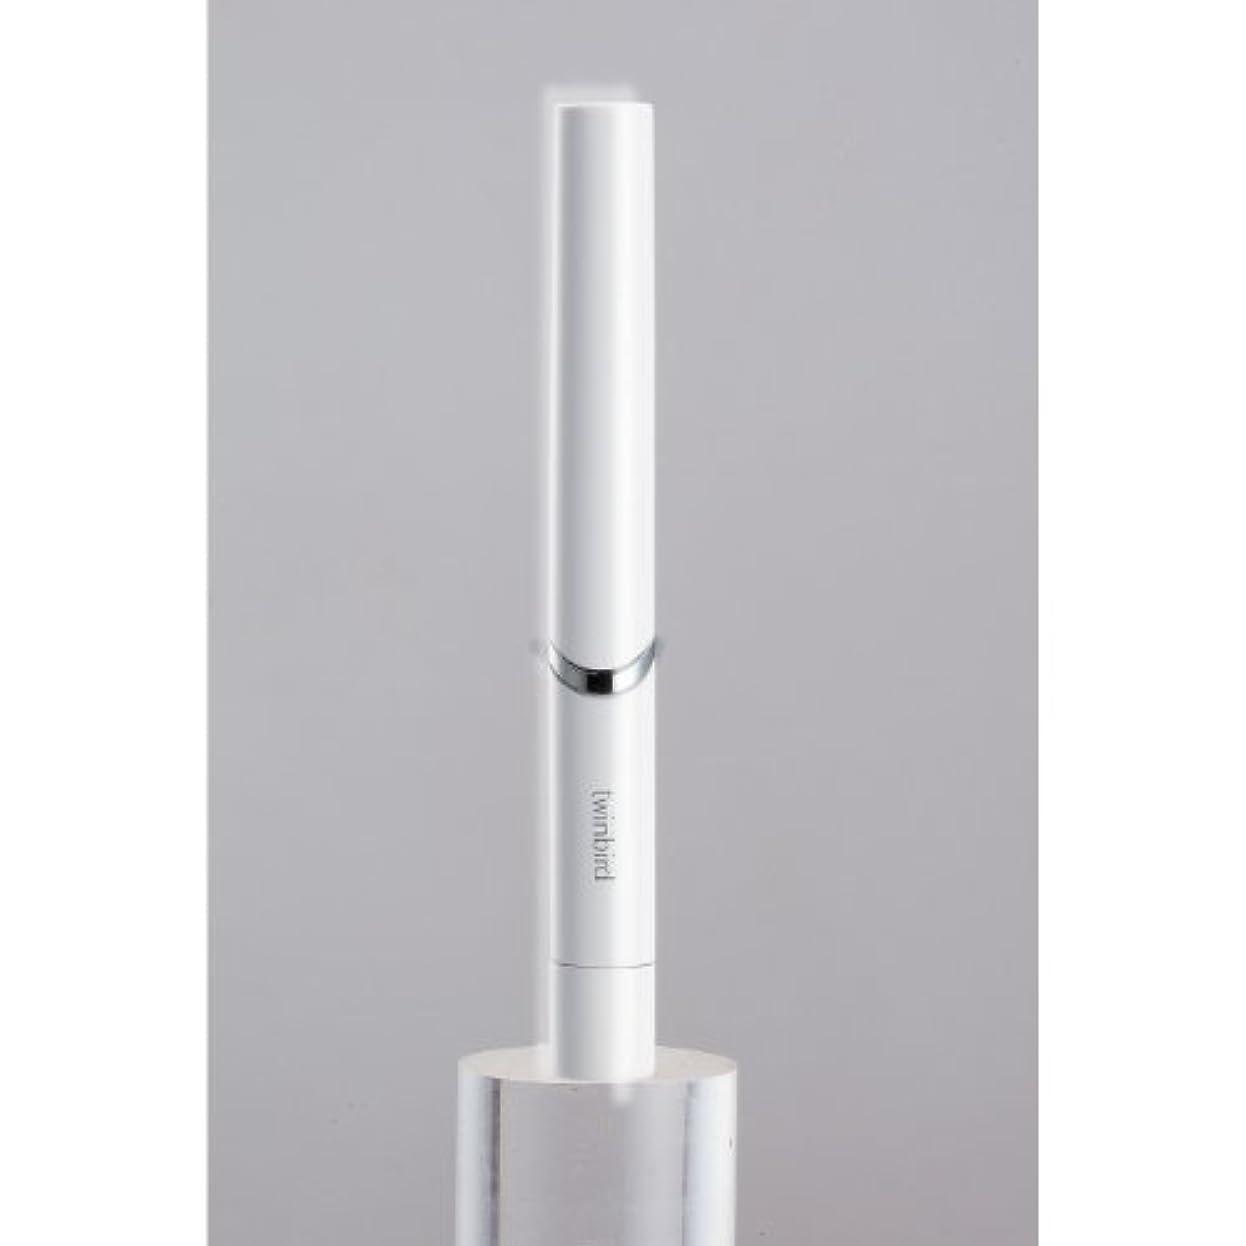 薬用動詞未就学ツインバード 音波振動式歯ブラシ BD-2741 ホワイト?BD-2741W